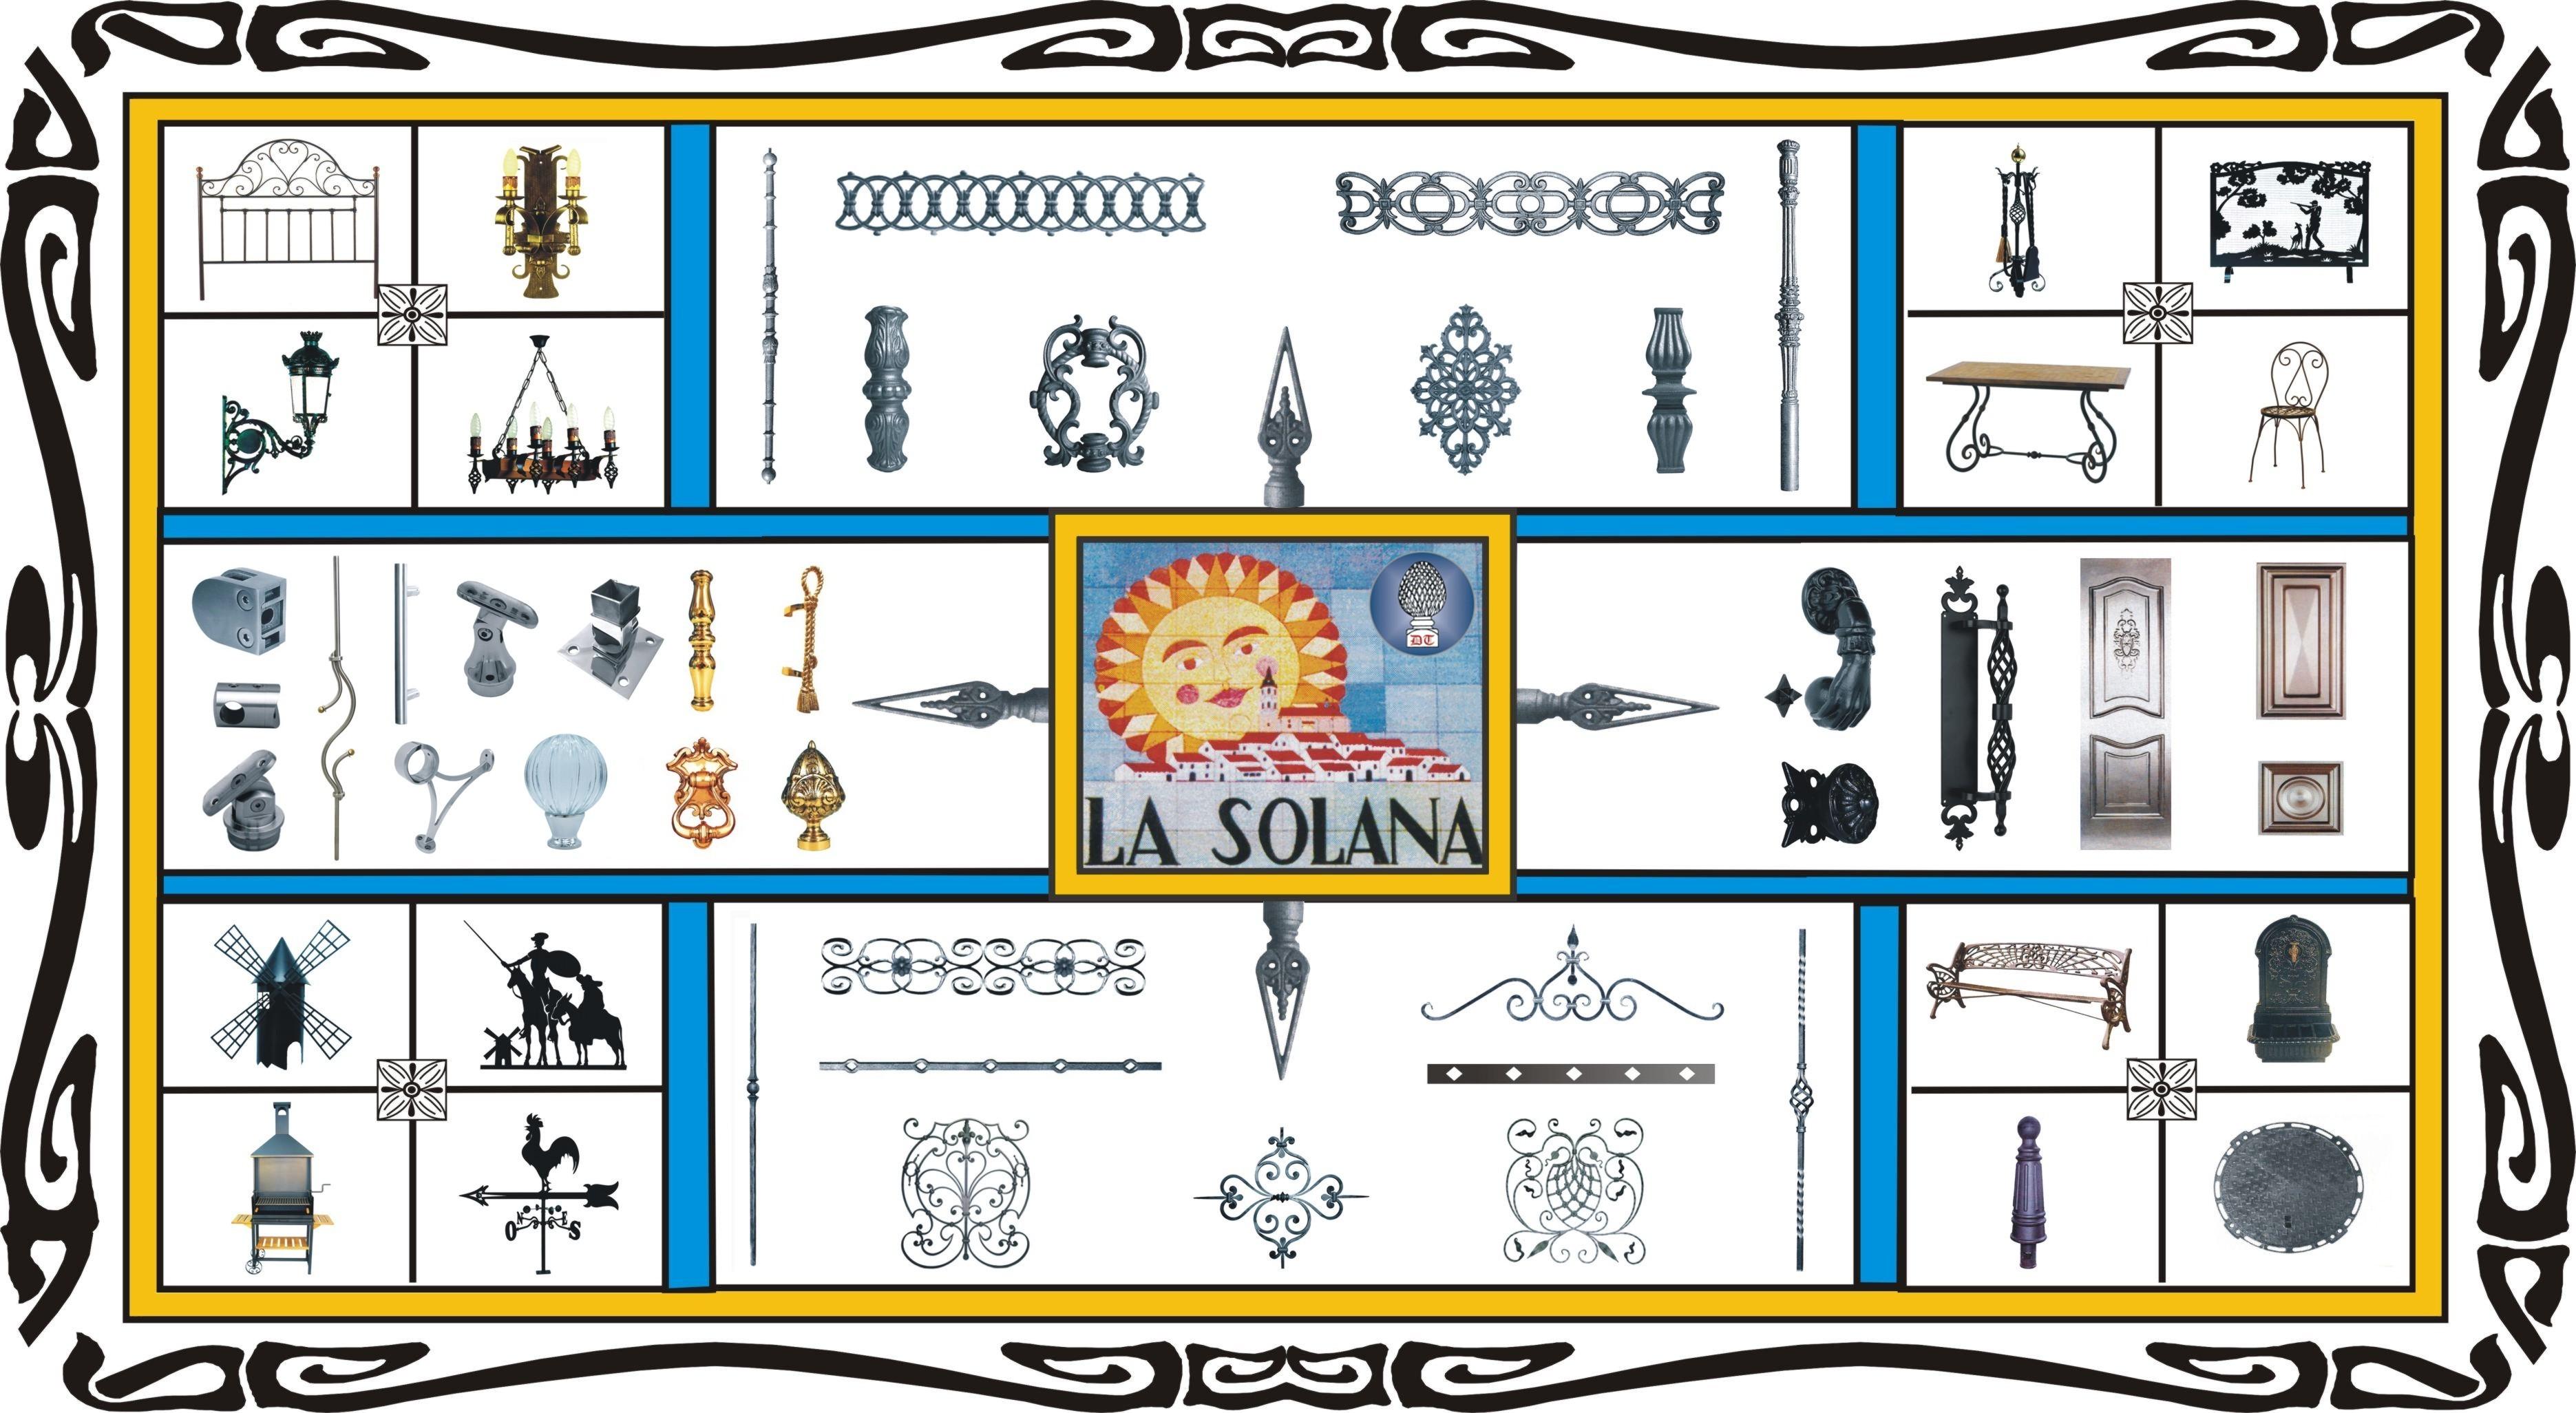 Piezas, herrajes y accesorios de acero inoxidable, fundición, forja y latón de Domingo Torres S.L.